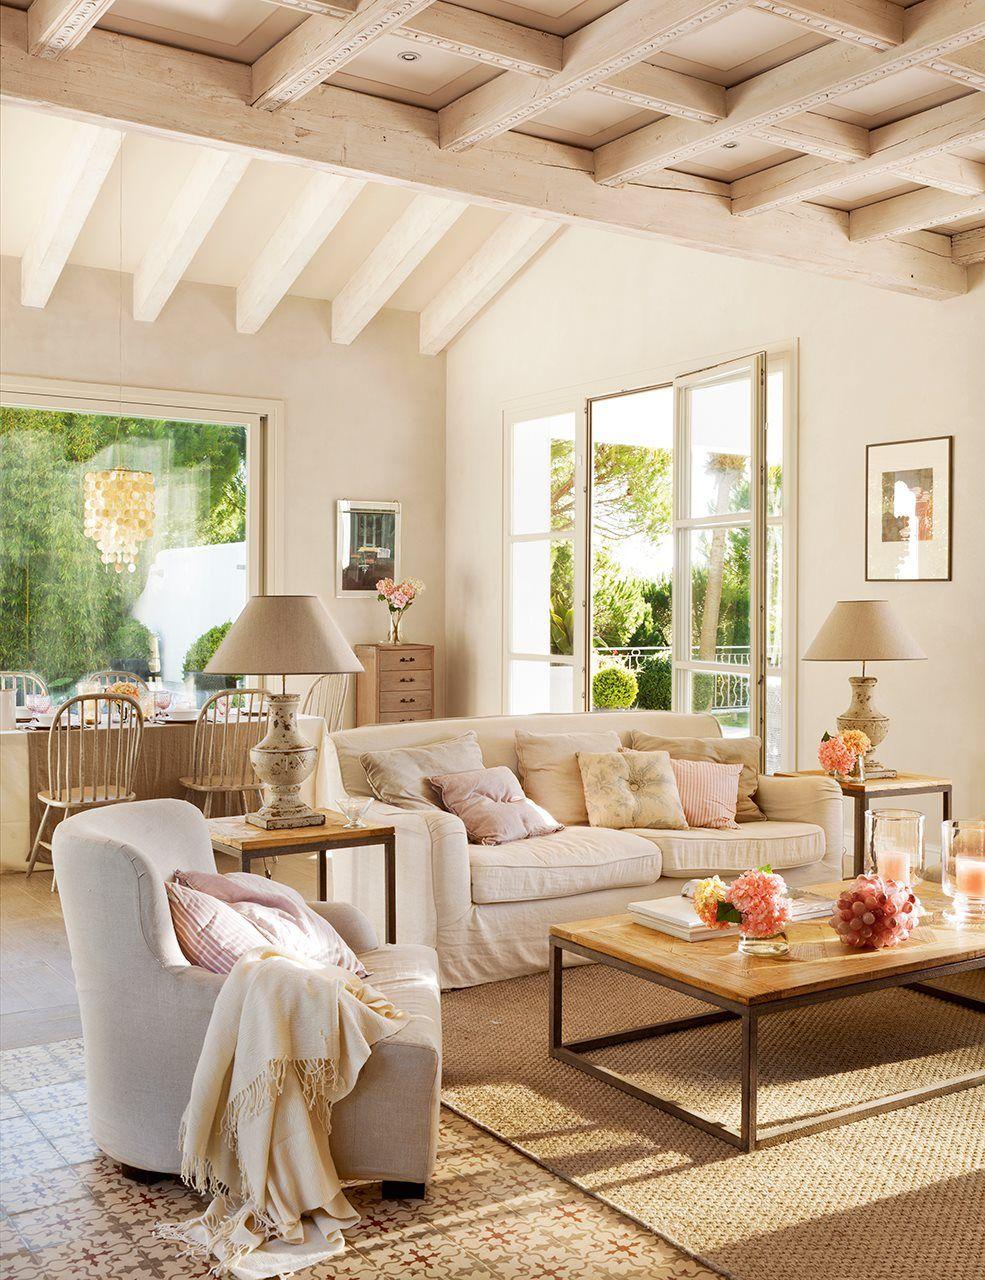 mil y una ventanas al jard n ouvert le jardin et jardins. Black Bedroom Furniture Sets. Home Design Ideas